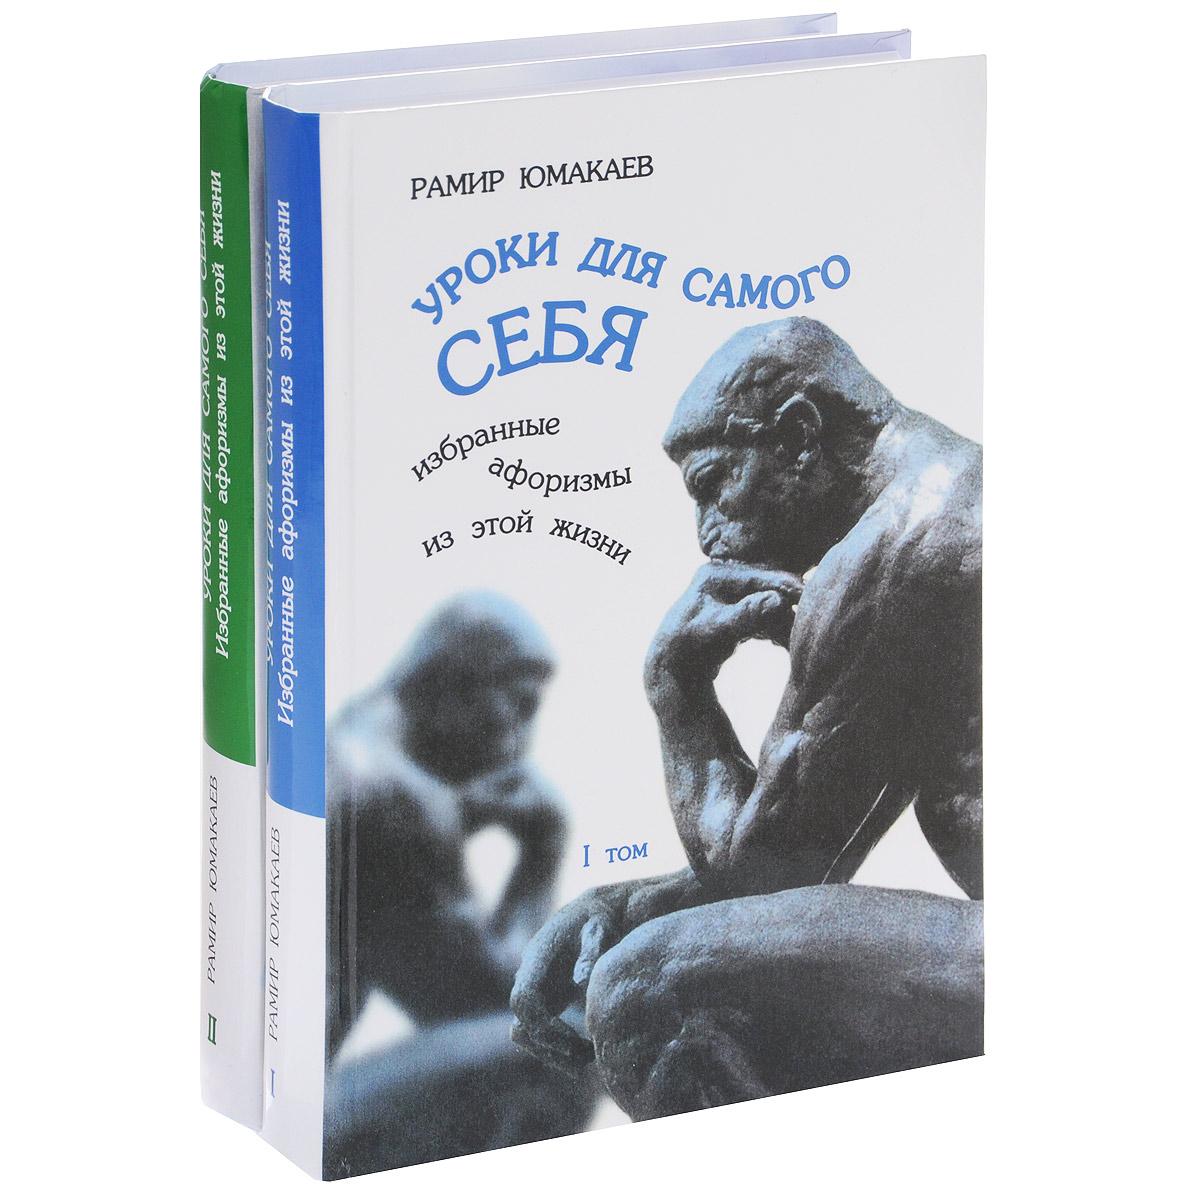 Уроки для самого себя. Избранные афоризмы из этой жизни. В 2 томах (комплект). Рамир Юмакаев